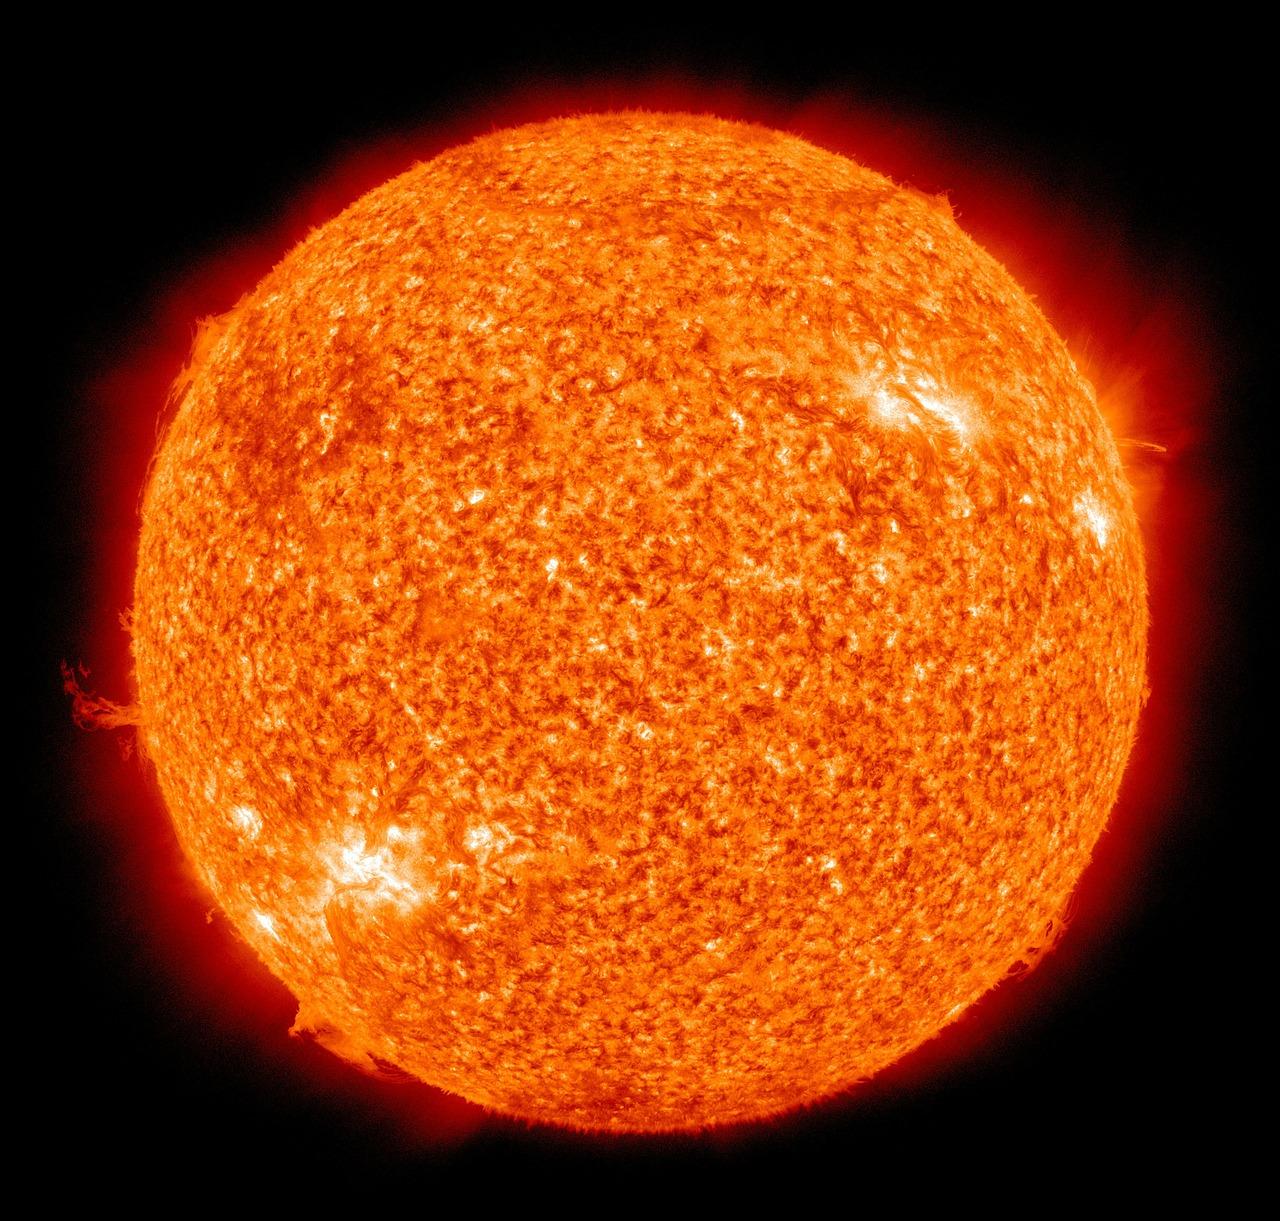 Hot, Sun